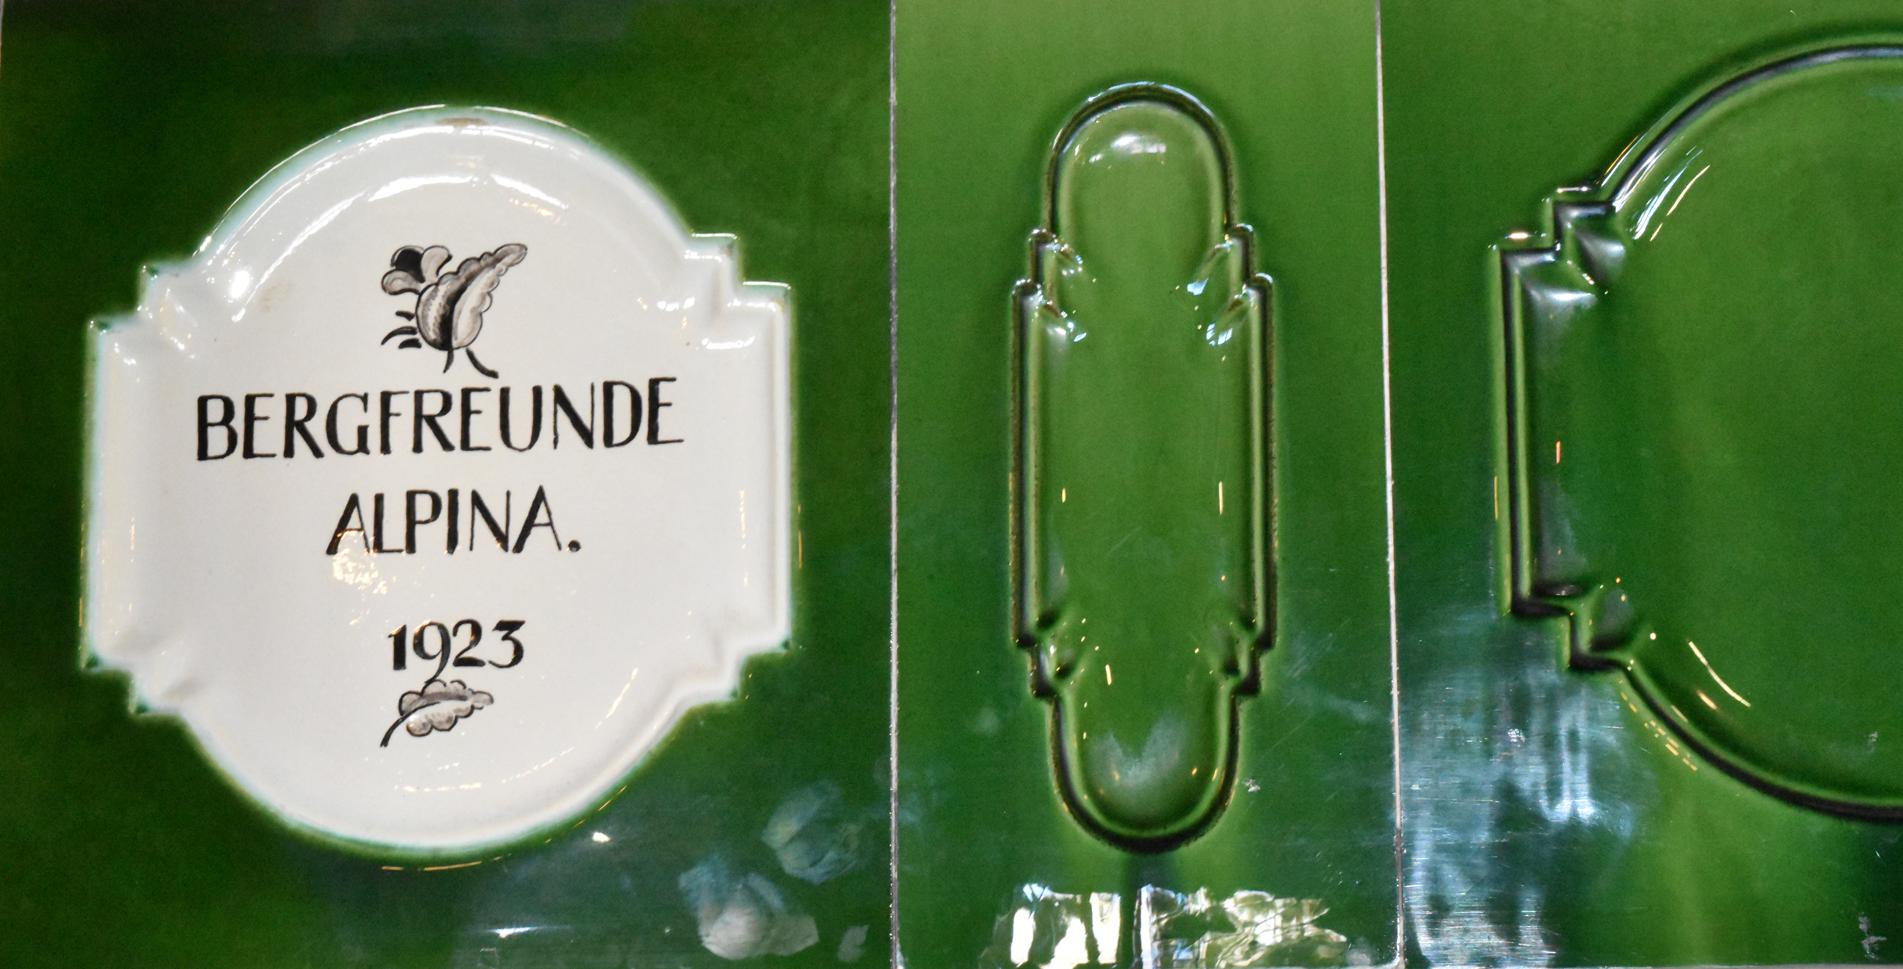 Wanderung auf dem Uetliberg von der Felsenegg, oberhalb Adliswil, via Balderen, Mädikon, Teehütte / Teehüsli Fallätsche, Uto Staffel, Uetliberg Uto Kulm, Jurablick, Ringlikon, Hohenstein zum Triemli Zürich